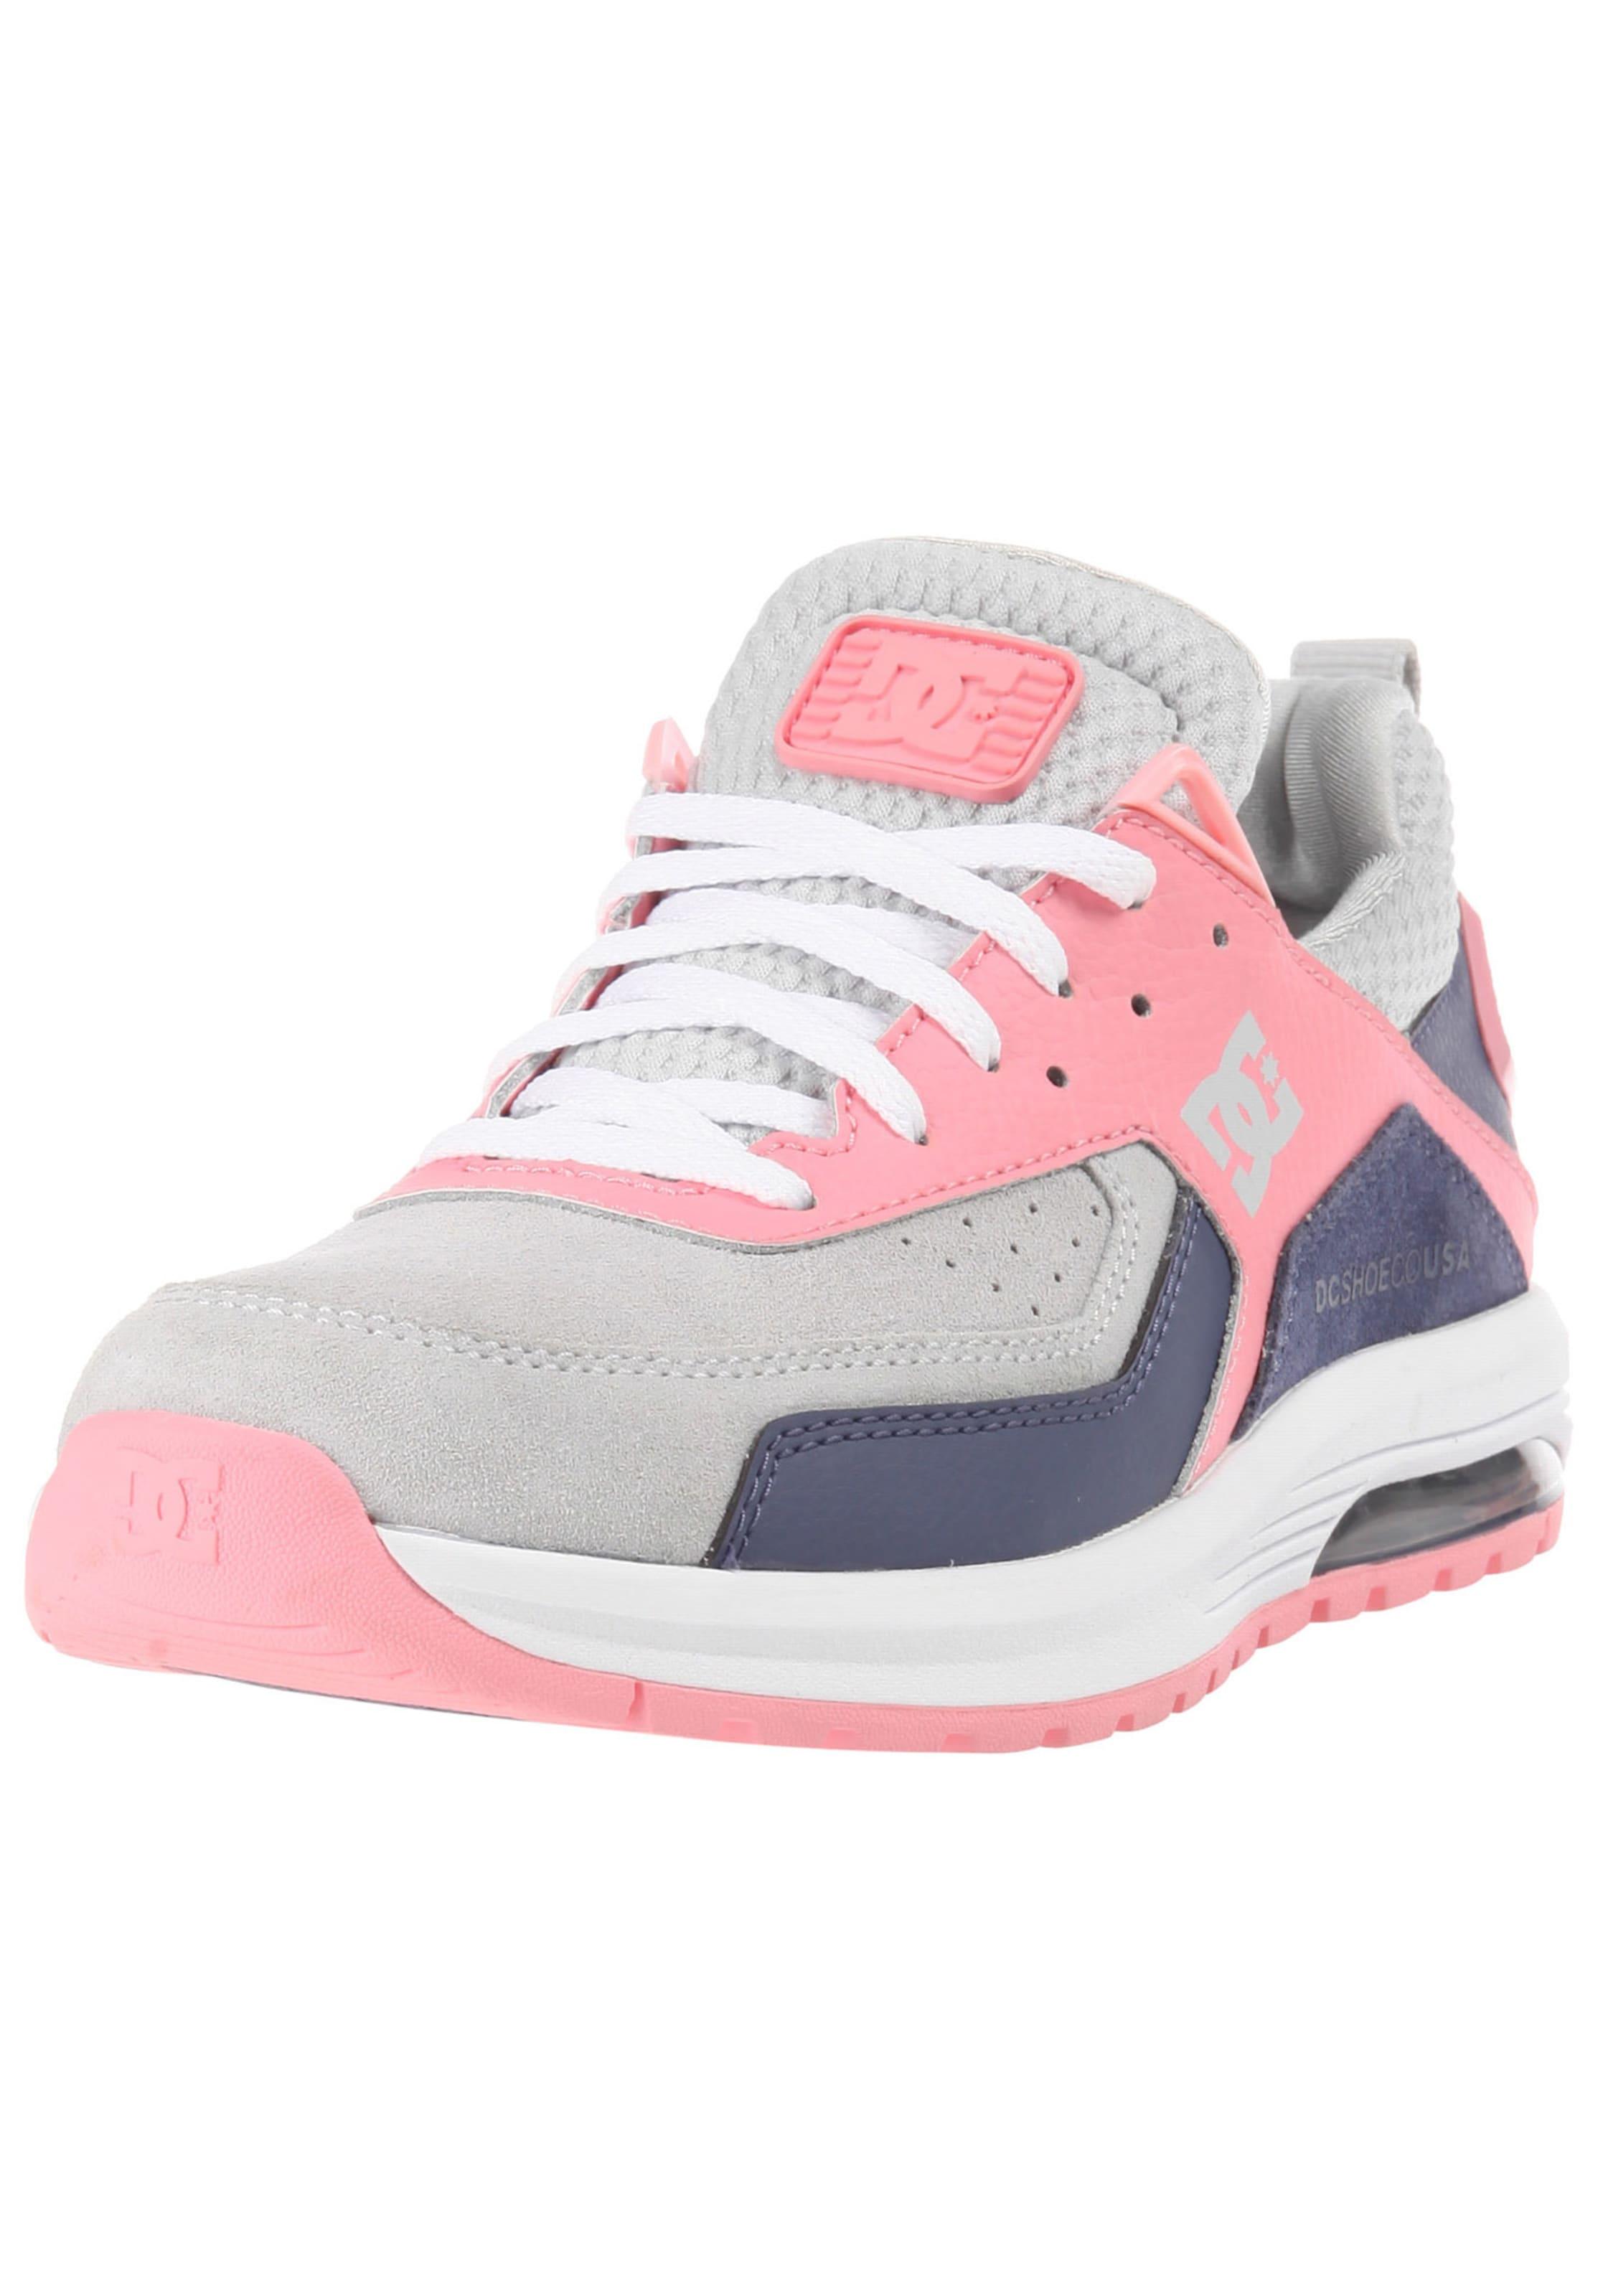 Shoes Sneaker Rosa MarineGrau Dc 'vandium' In nwyvO8N0mP